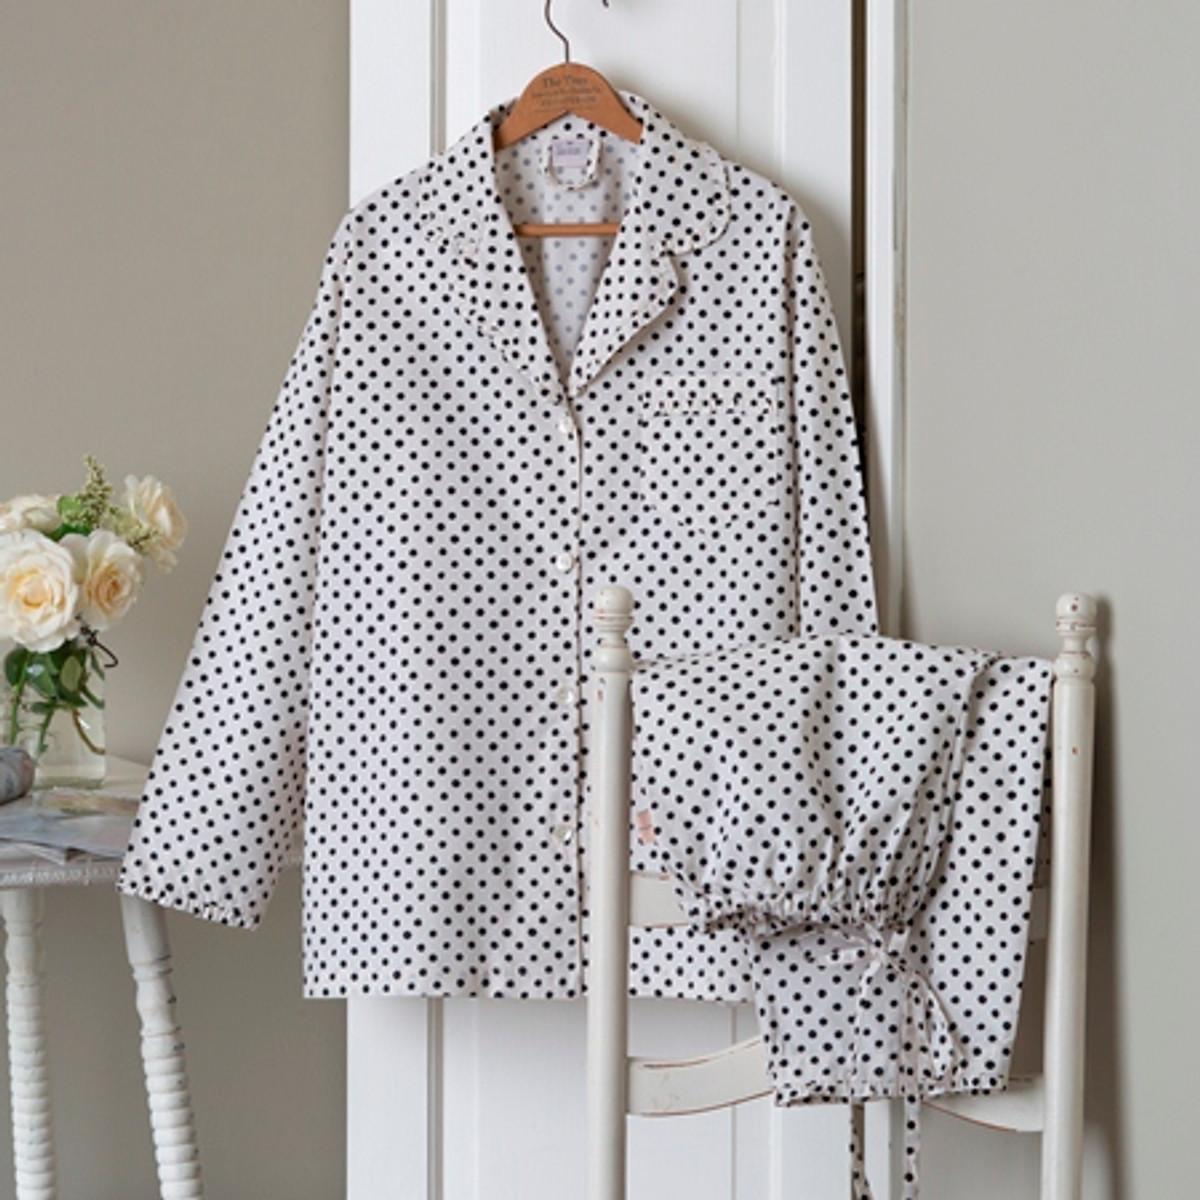 English Farmhouse Polka Dotted Pajamas